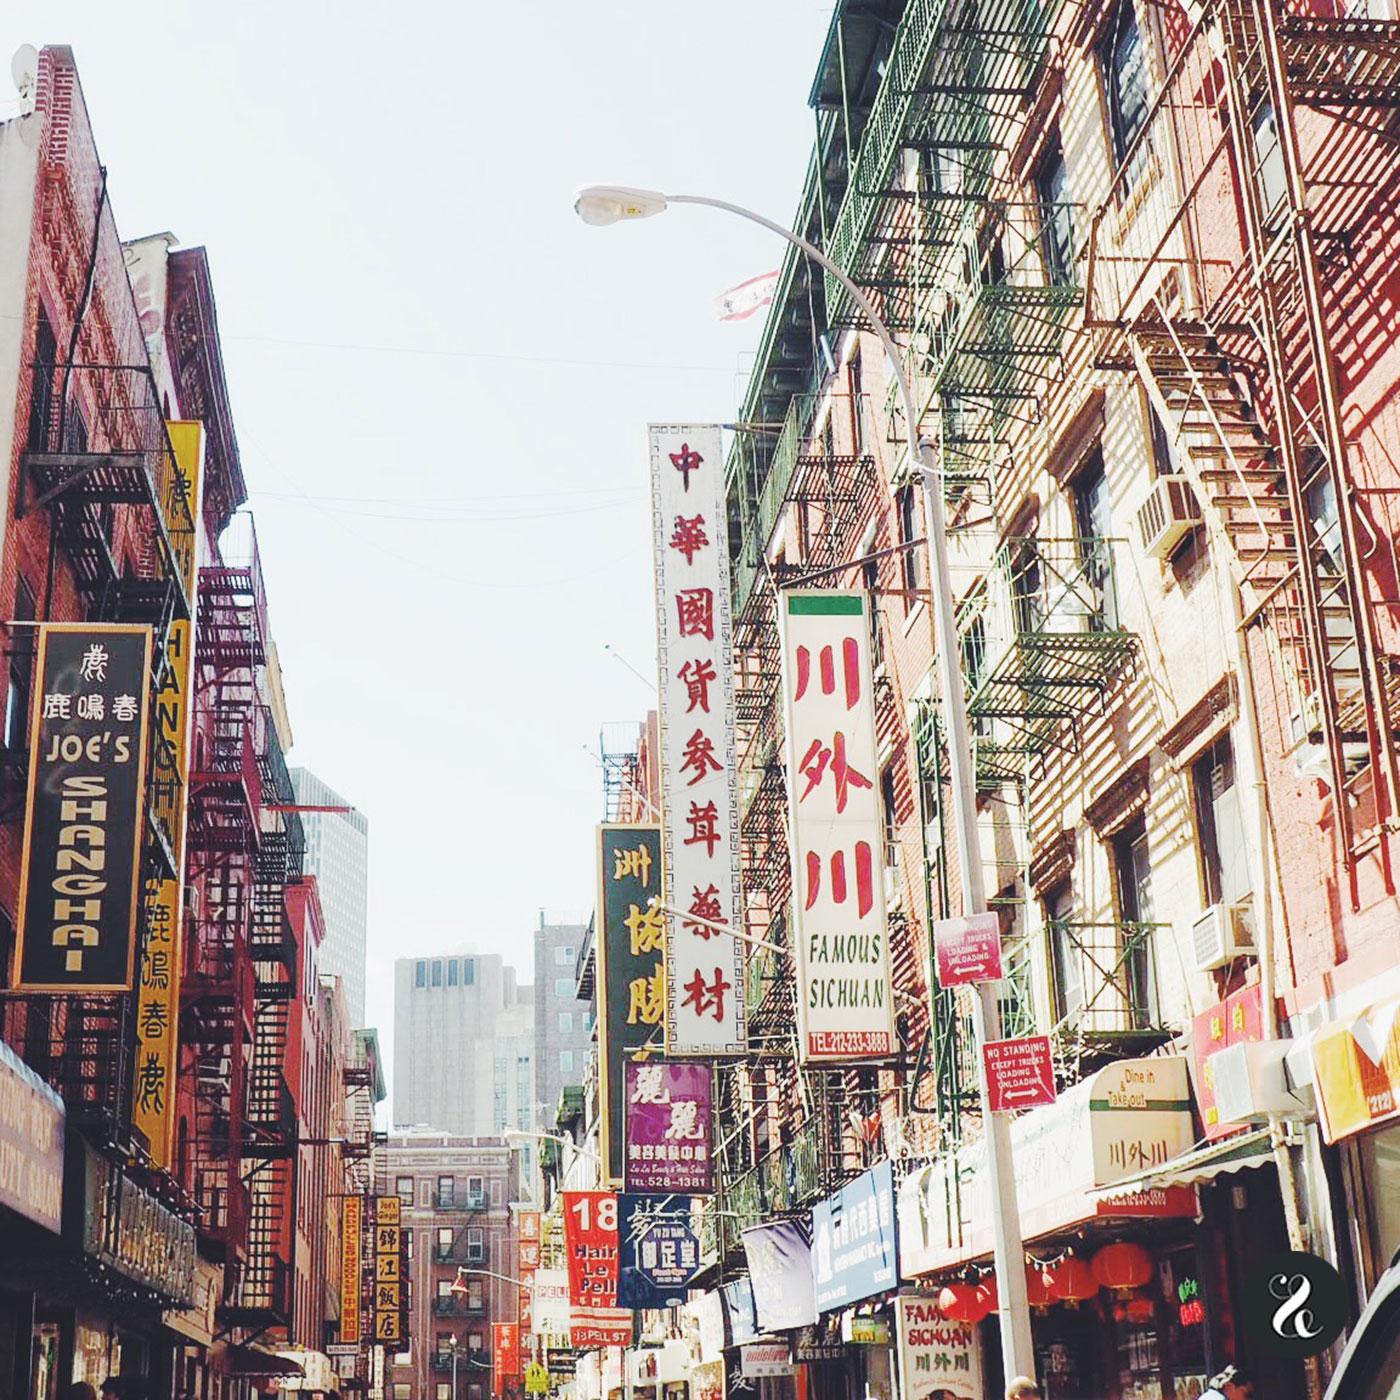 Joe's Shanghai Chinatown New York